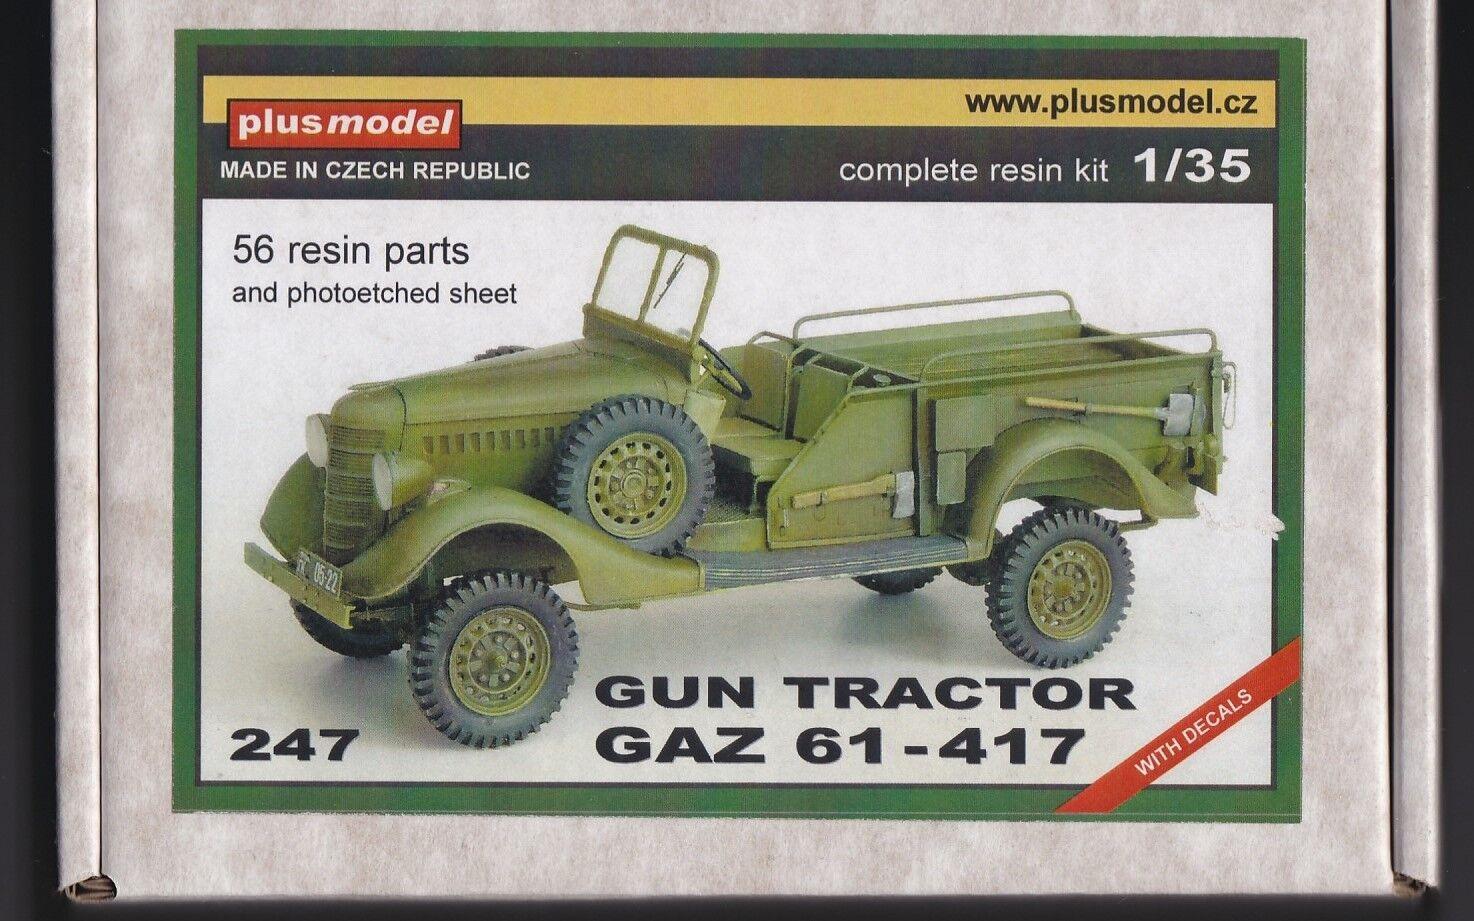 PLUSMODEL PLUS MODEL 247 - GUN TRACTOR GAZ 61-417 - 1/35 RESIN